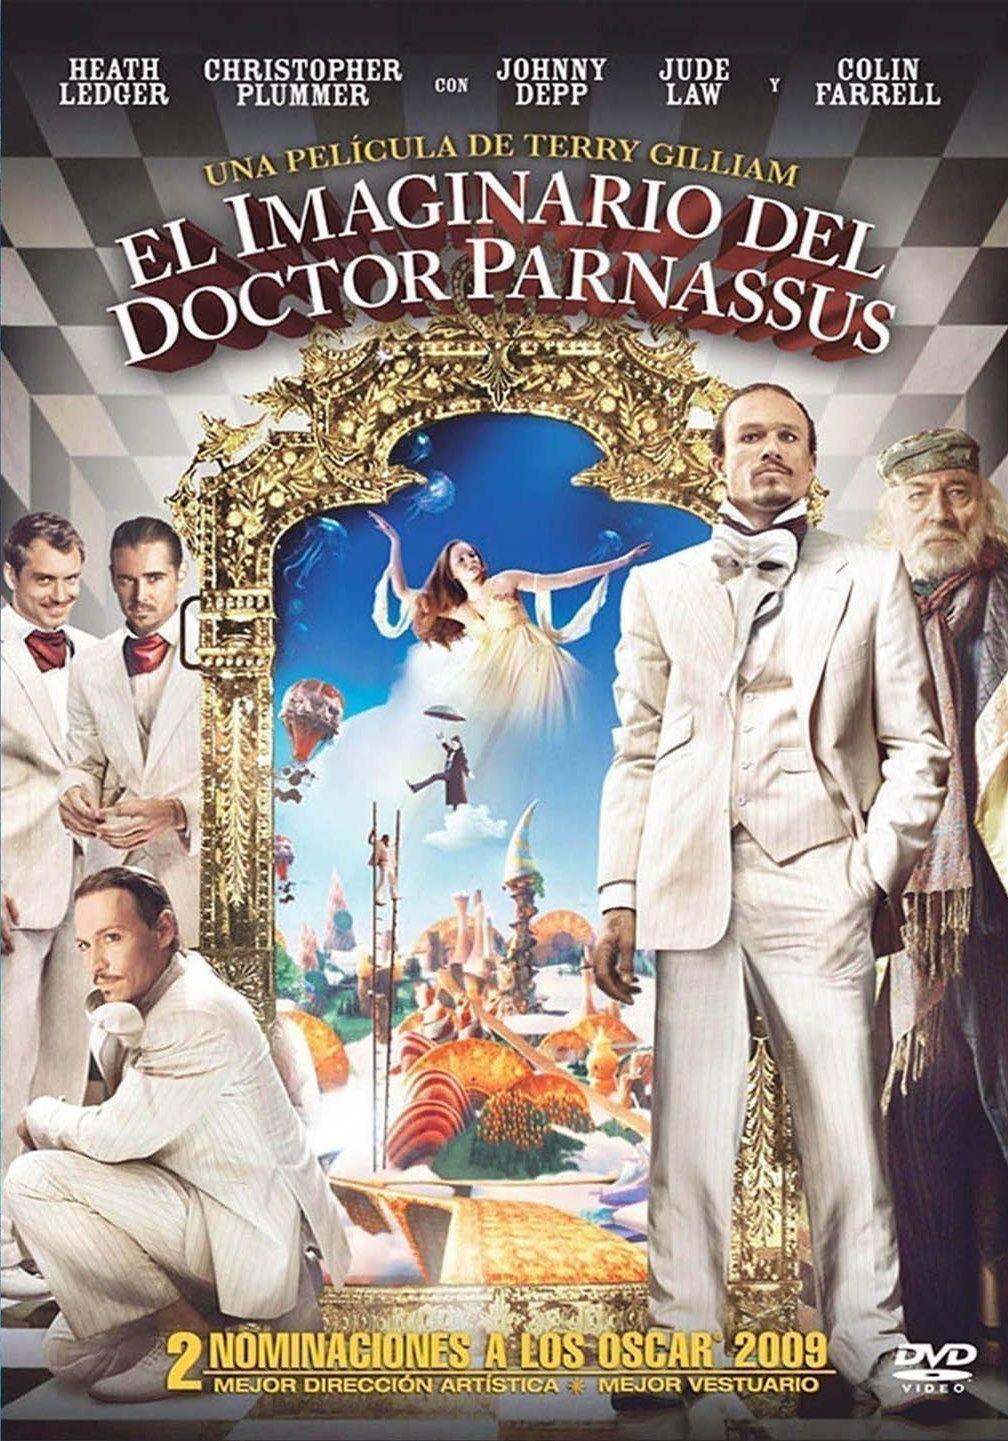 El Imaginario Del Doctor Parnassus Con Imagenes Peliculas